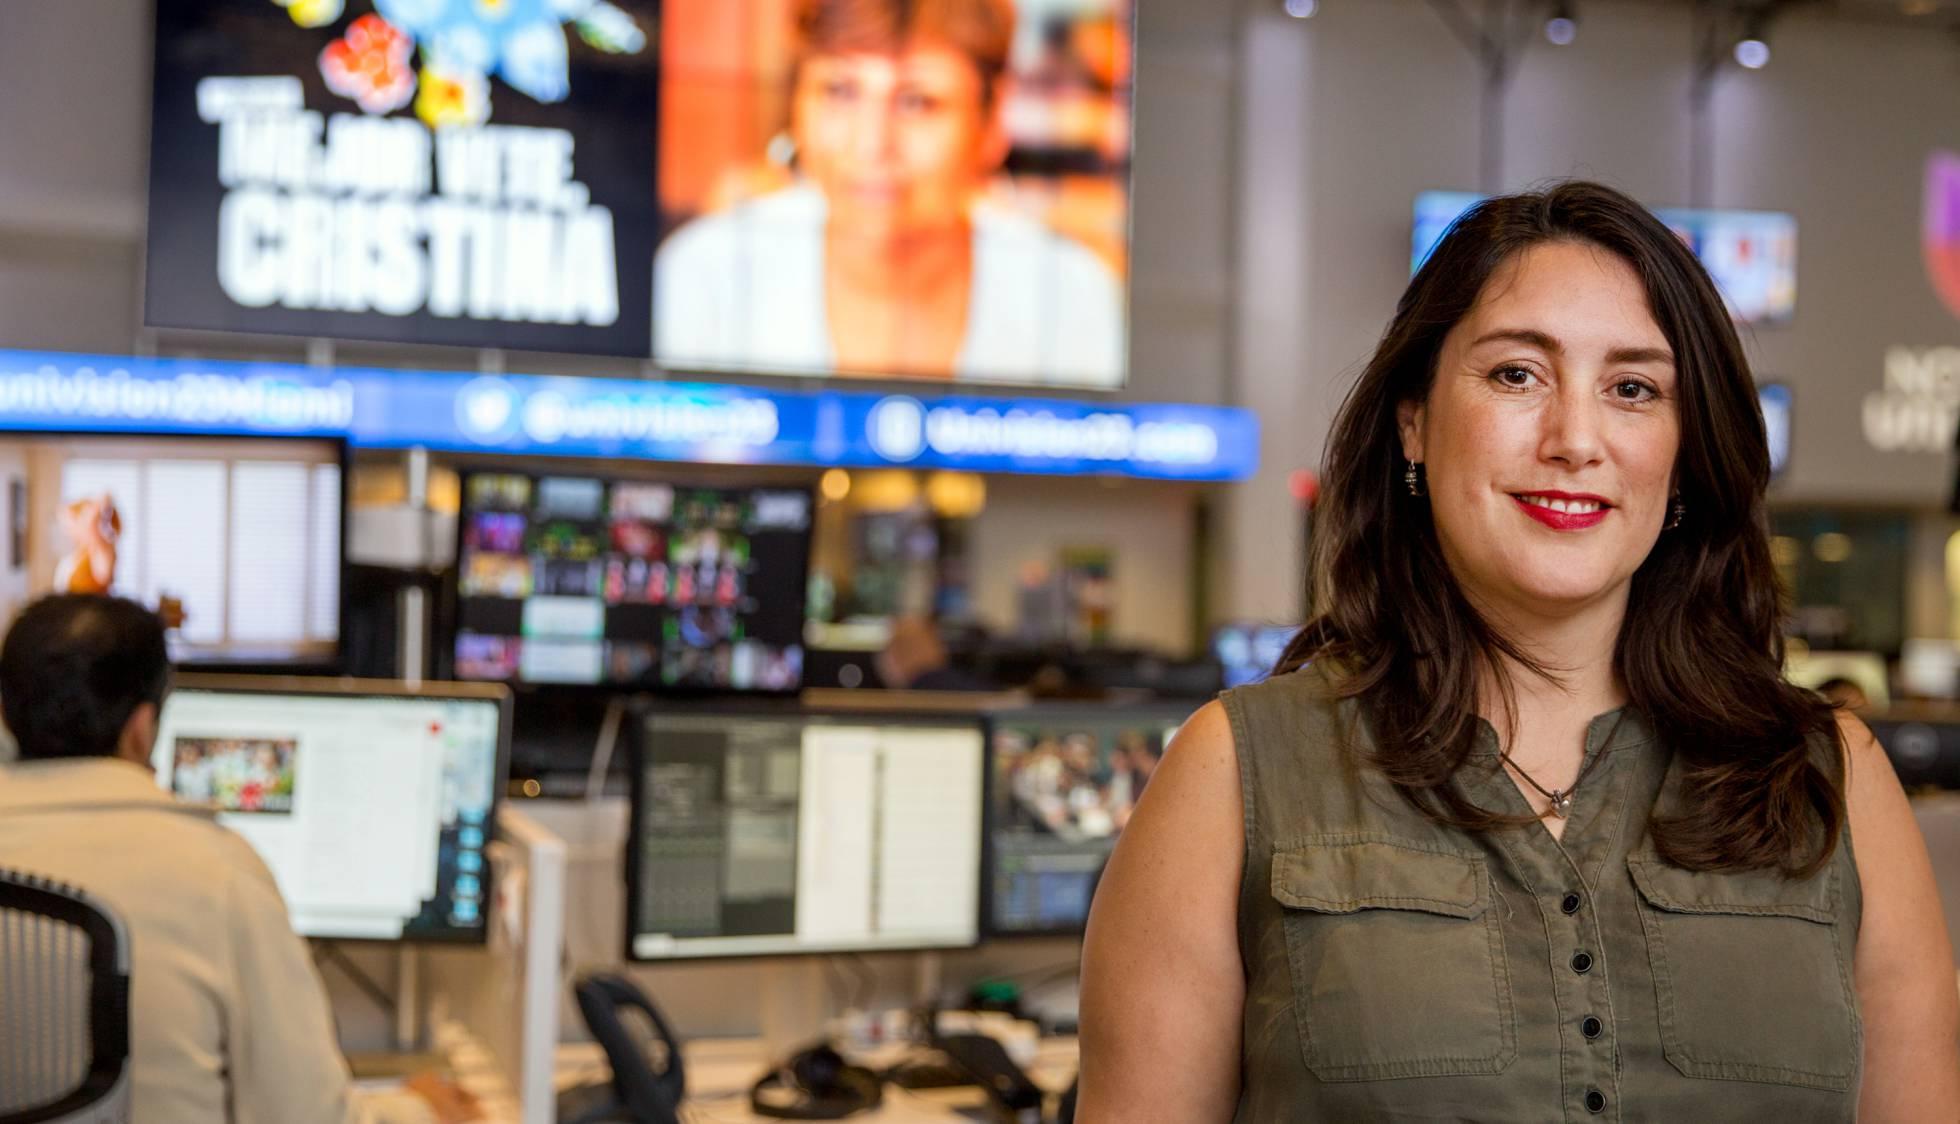 La periodista Inger Diaz